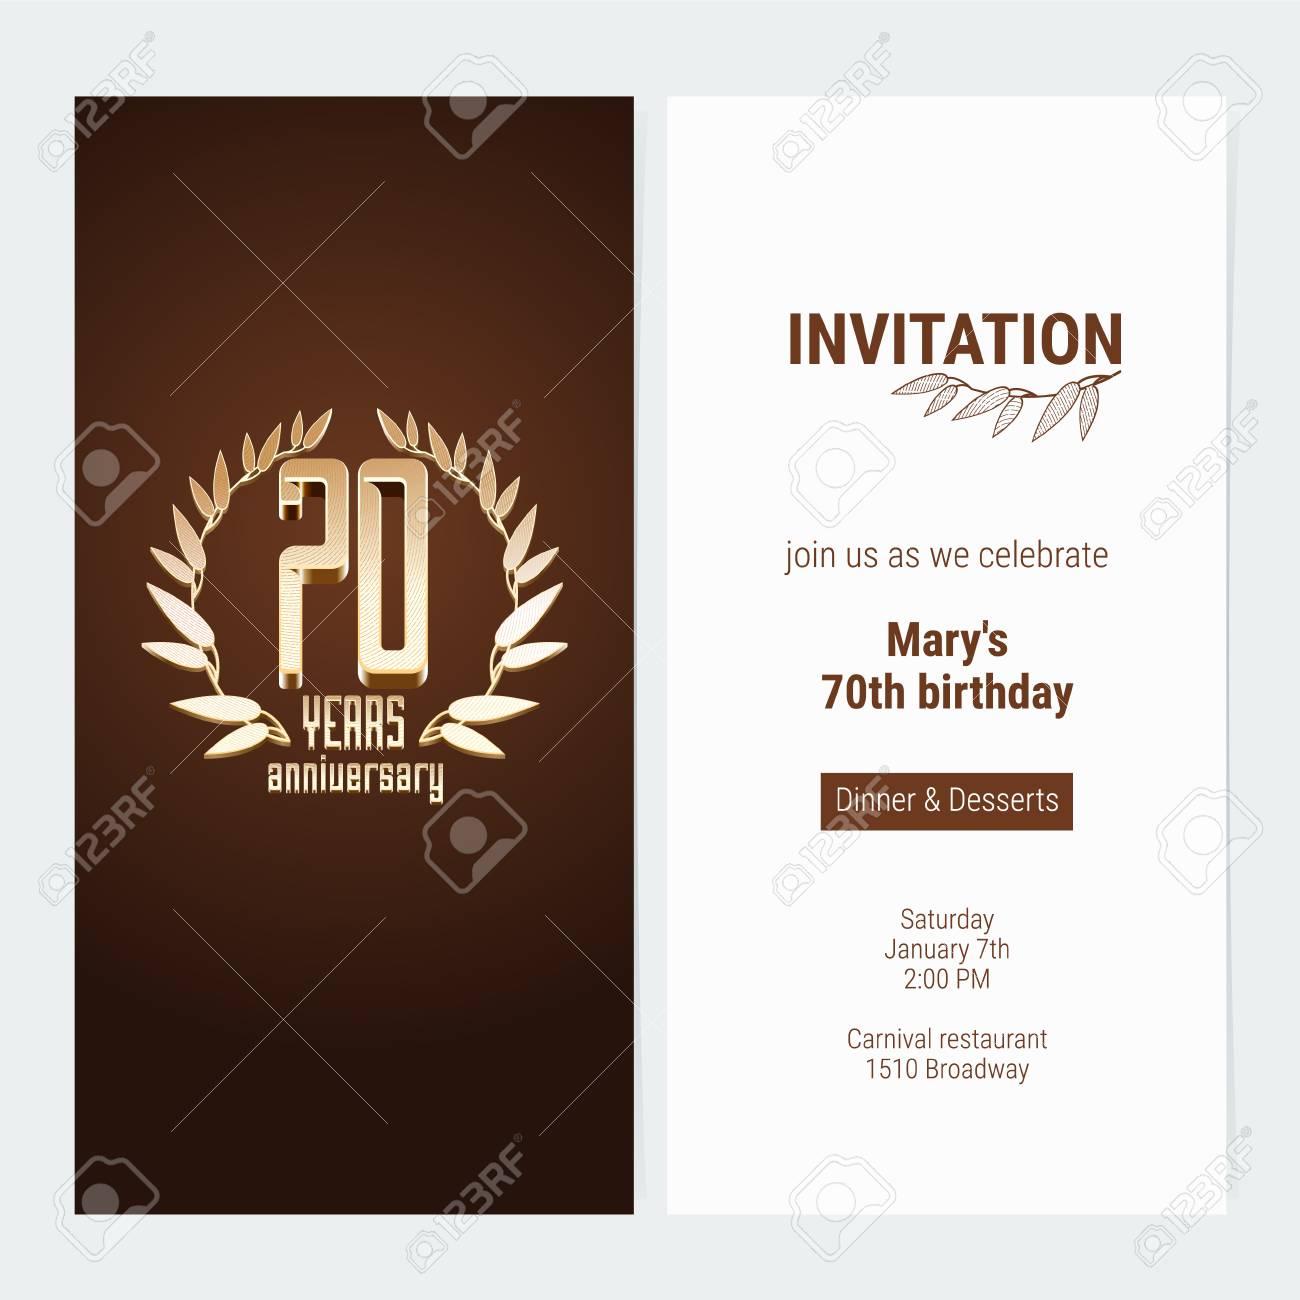 70 Años Aniversario Invitación A Celebrar La Ilustración Vectorial De Evento Diseñe El Elemento De La Plantilla Con El Número De Oro Y El Texto Para